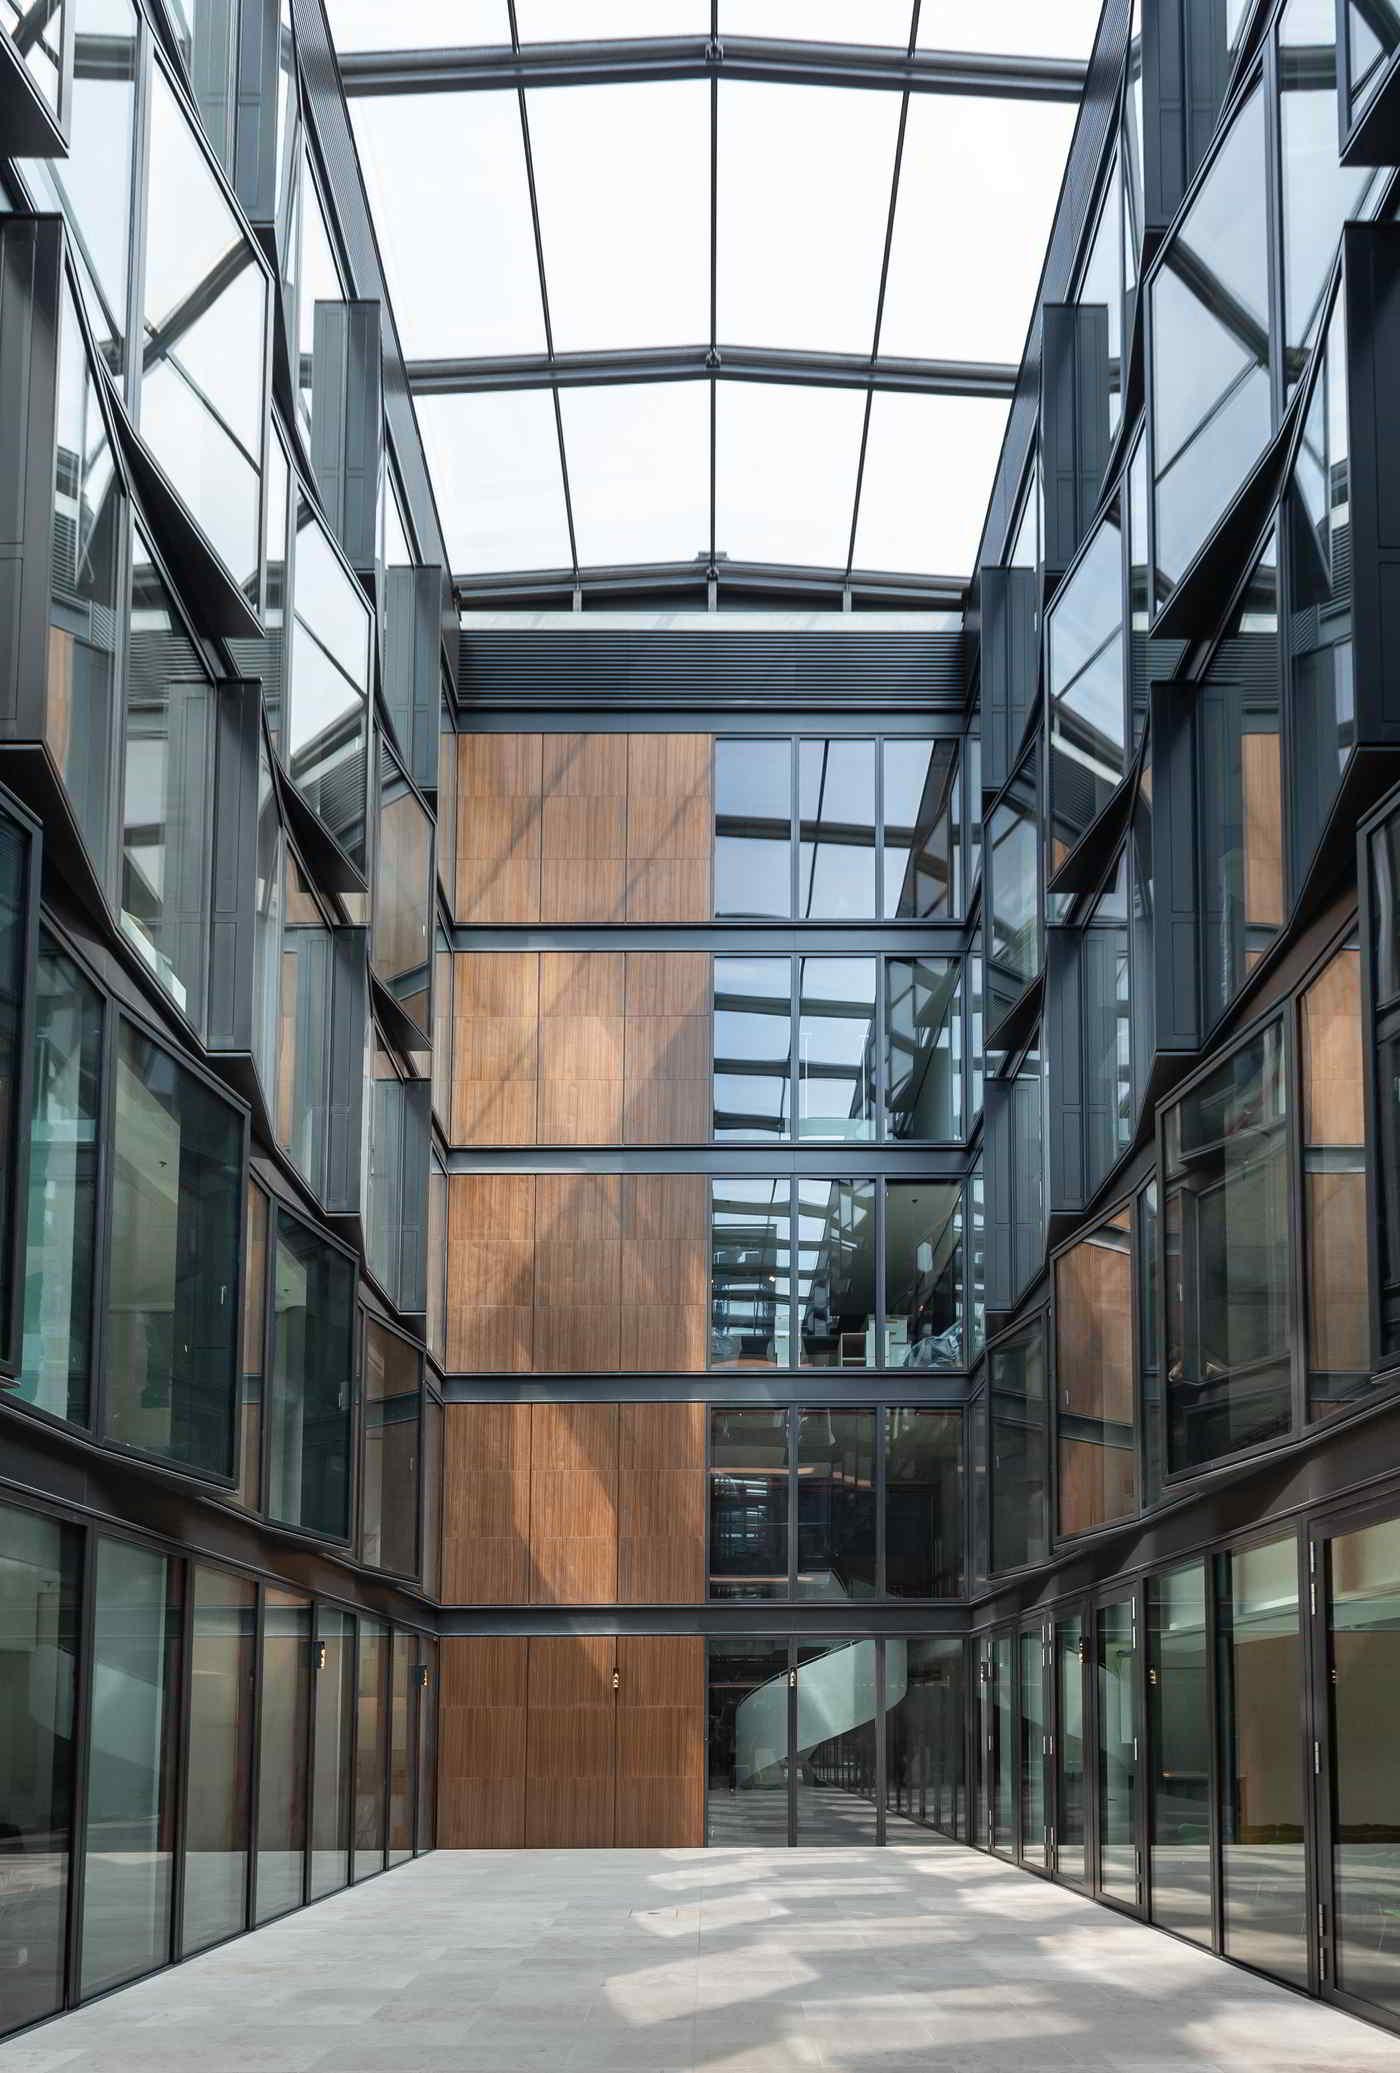 Lichthof im neuen Kunstforum in Hamburg